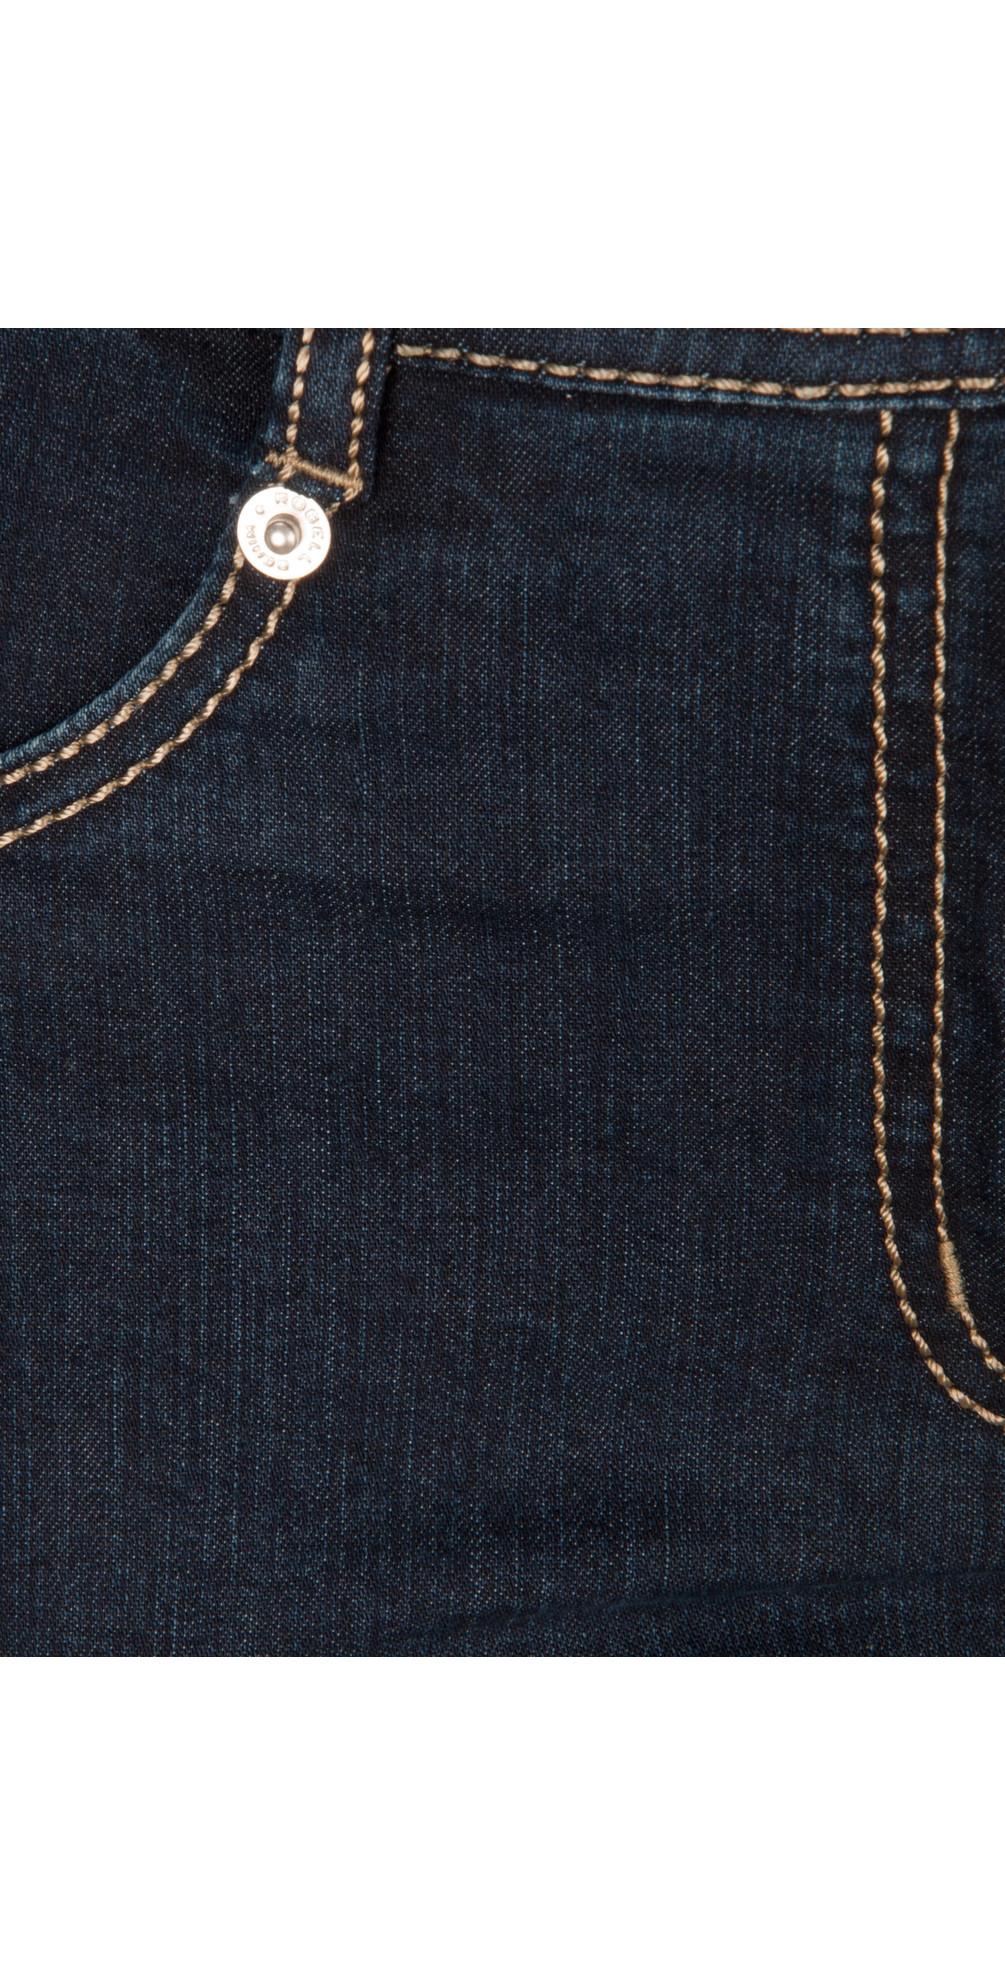 Joella Slim Fit Flare Jean main image